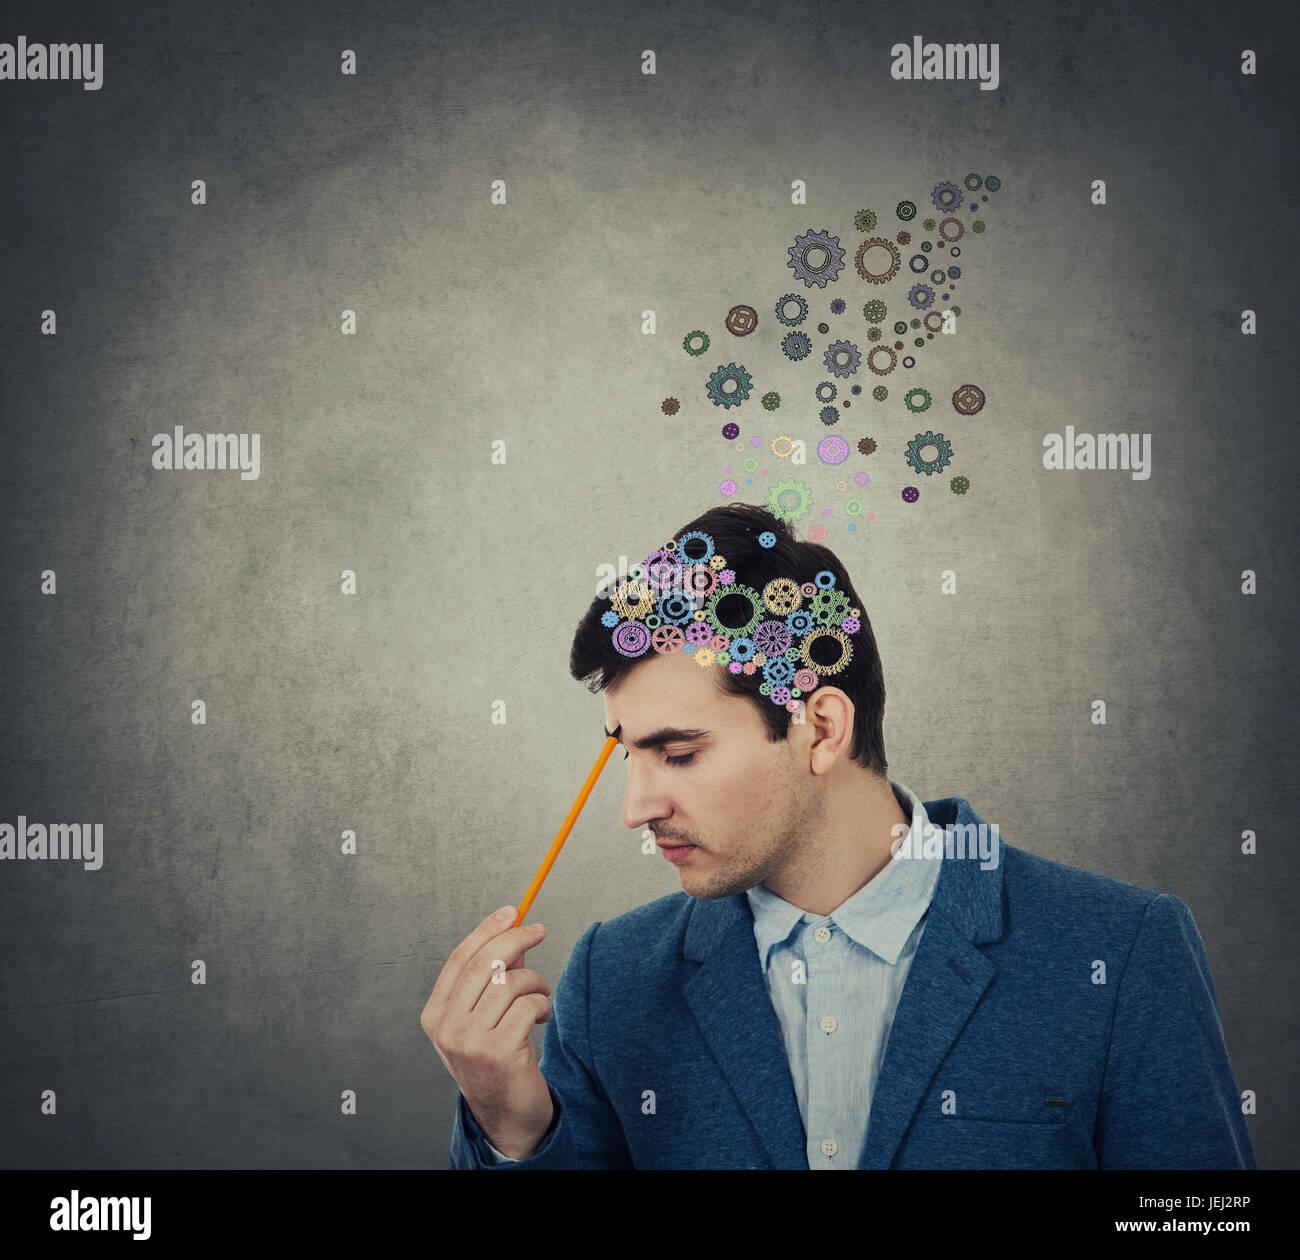 Imprenditore di successo pensare e creare con una matita appuntita per la sua testa un cervello coloruful realizzato Immagini Stock